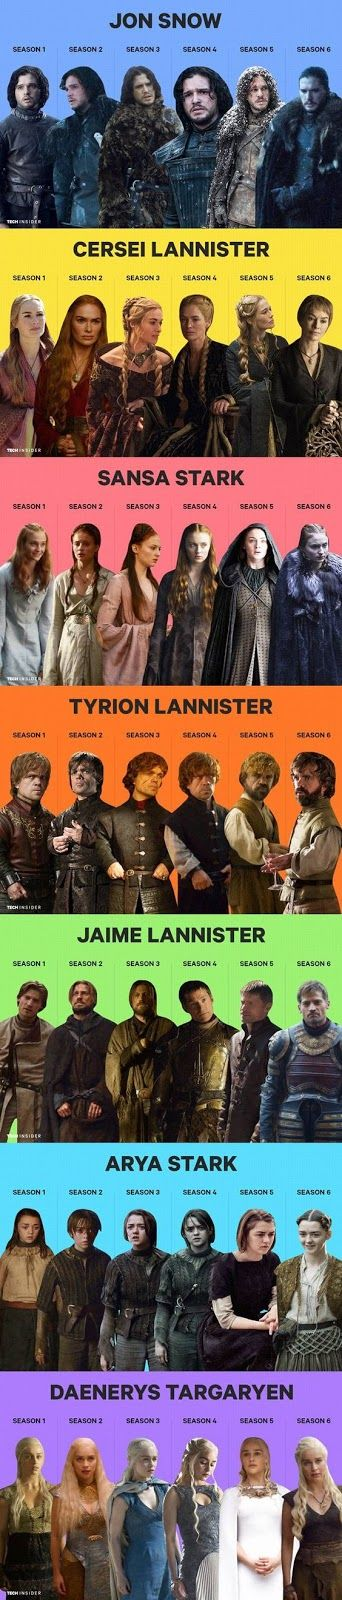 Los personajes de Game of Thrones a través de las 5 Temporadas